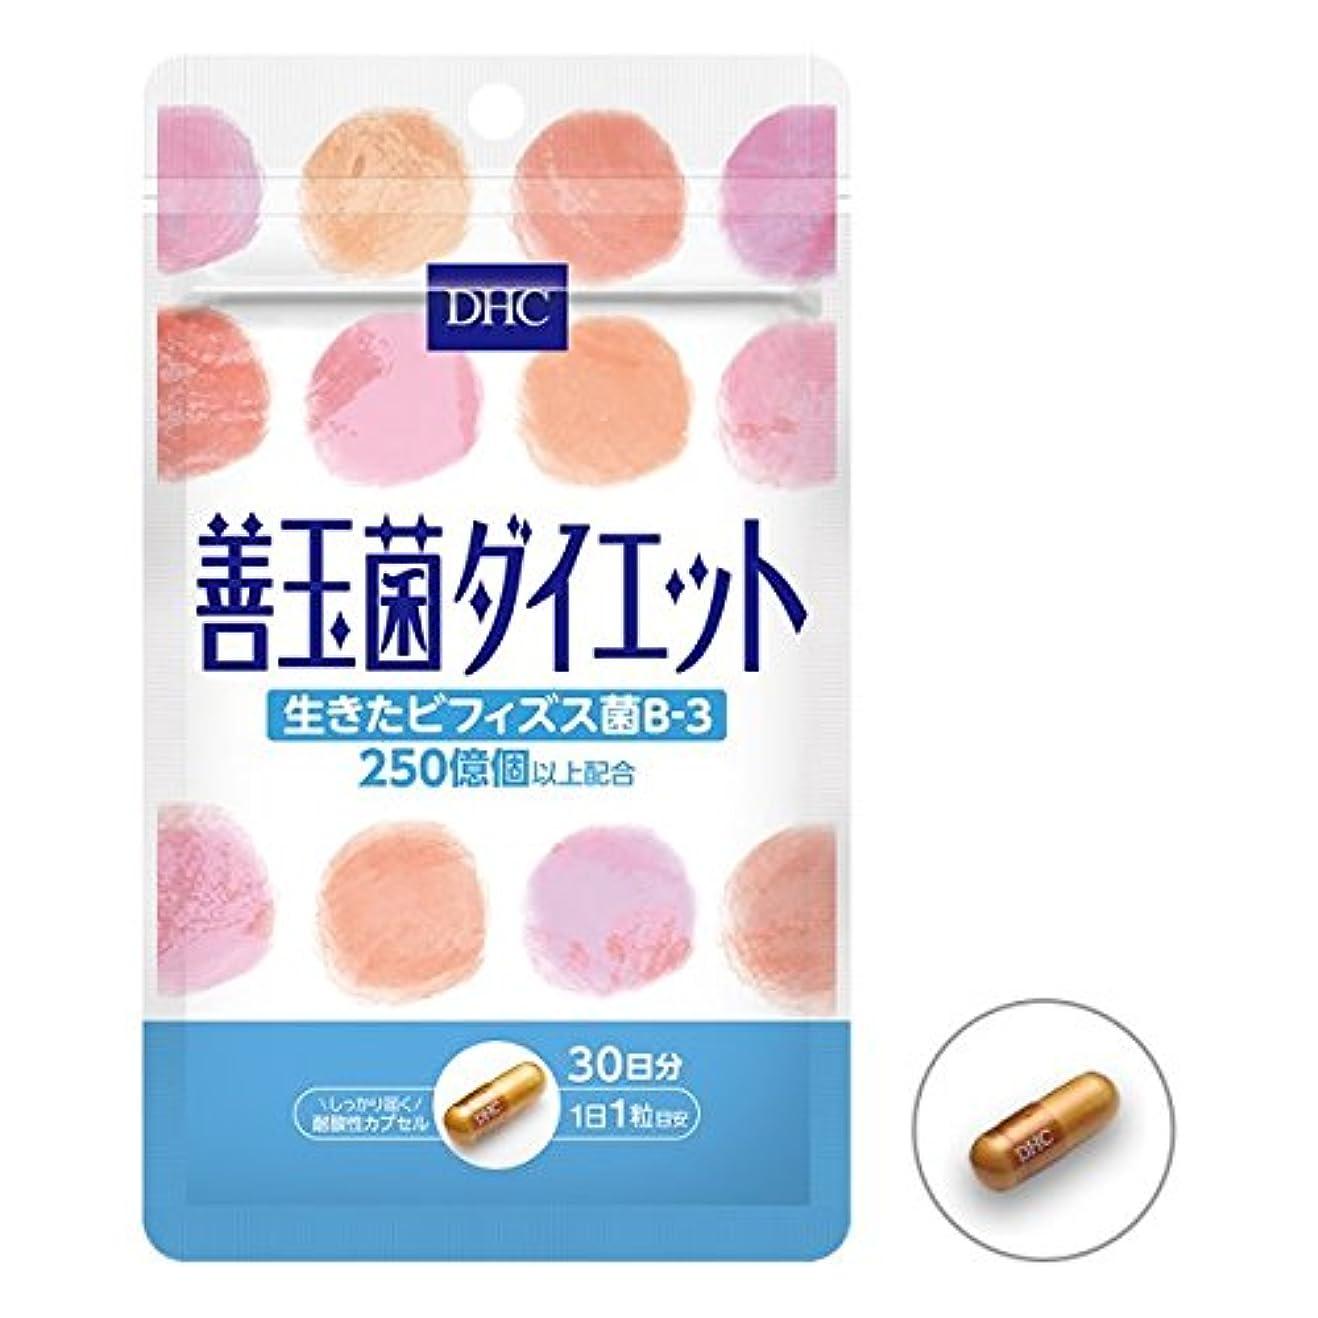 冷える測る家畜善玉菌ダイエット 30日分